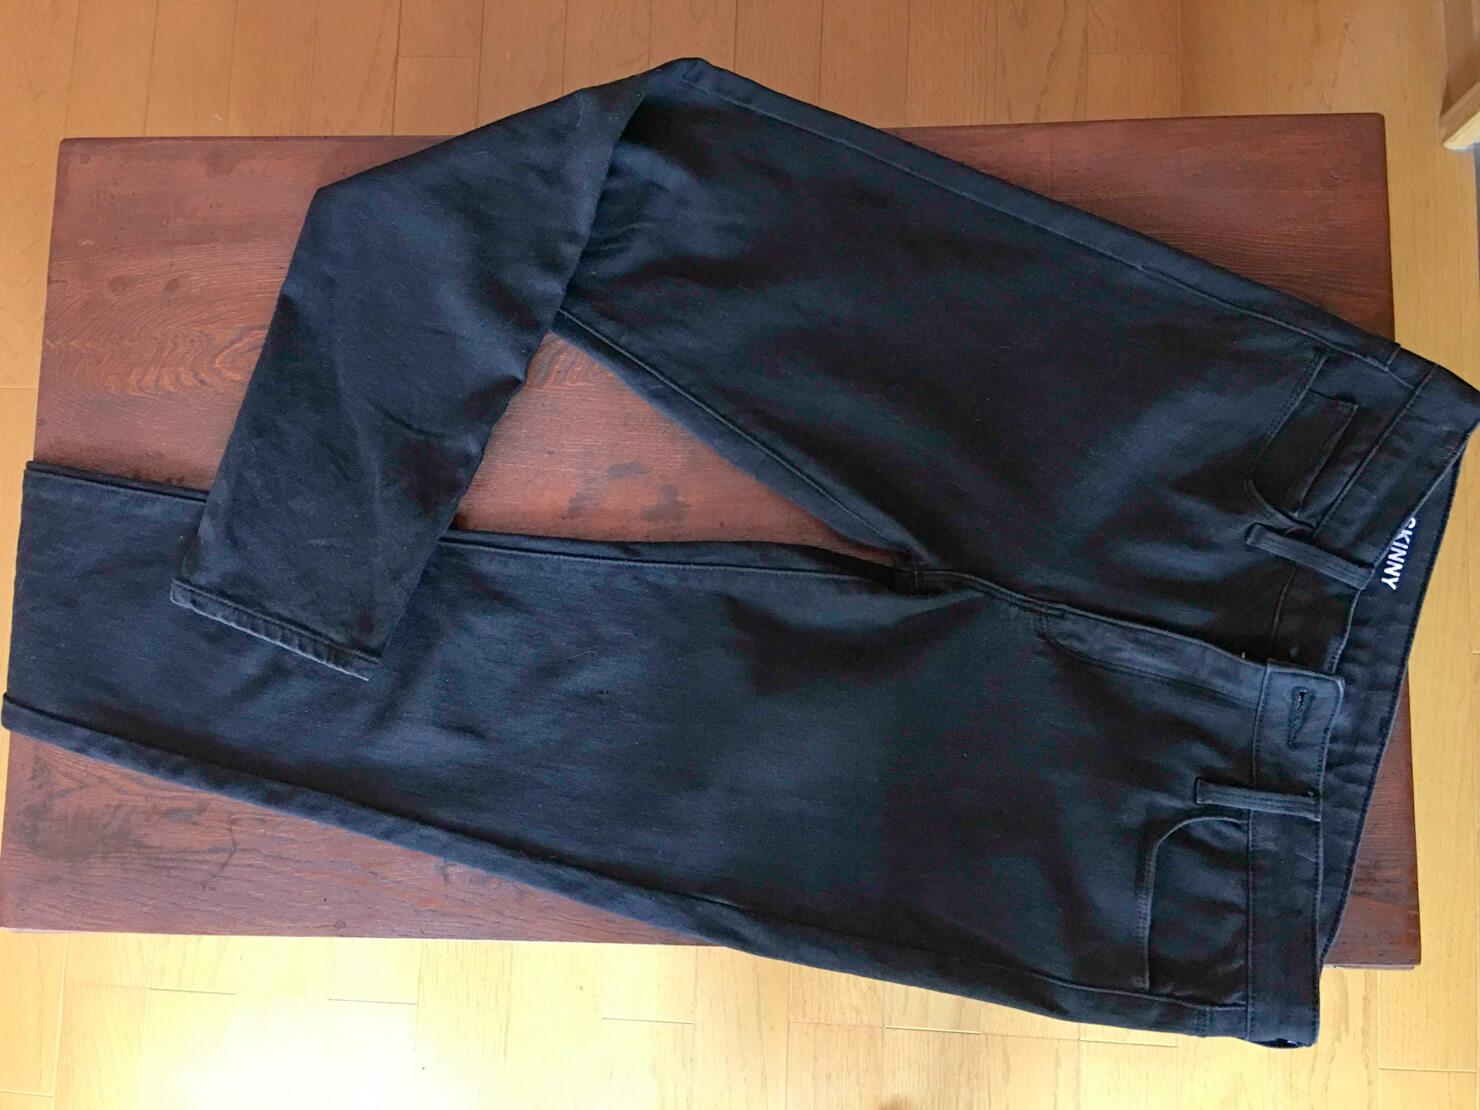 無印良品の黒のスキニーパンツの写真